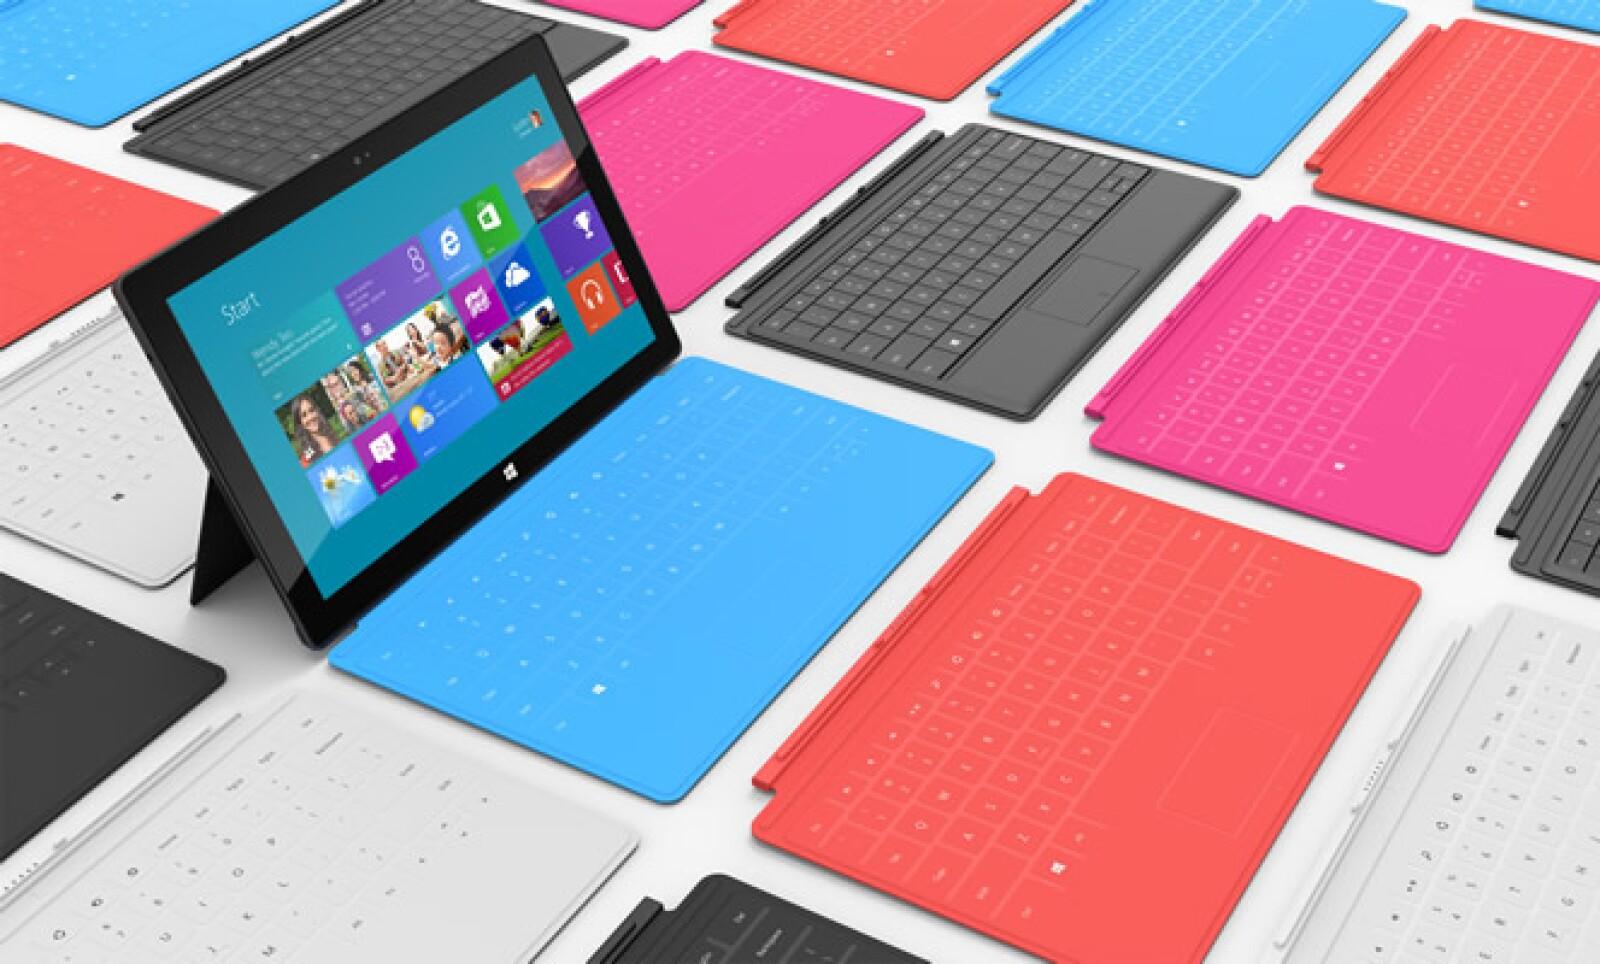 Microsoft presentó su nueva 'tablet' bajo el nombre comercial de Surface. Este equipo incluirá el próximo sistema operativo Windows 8 de la tecnológica.